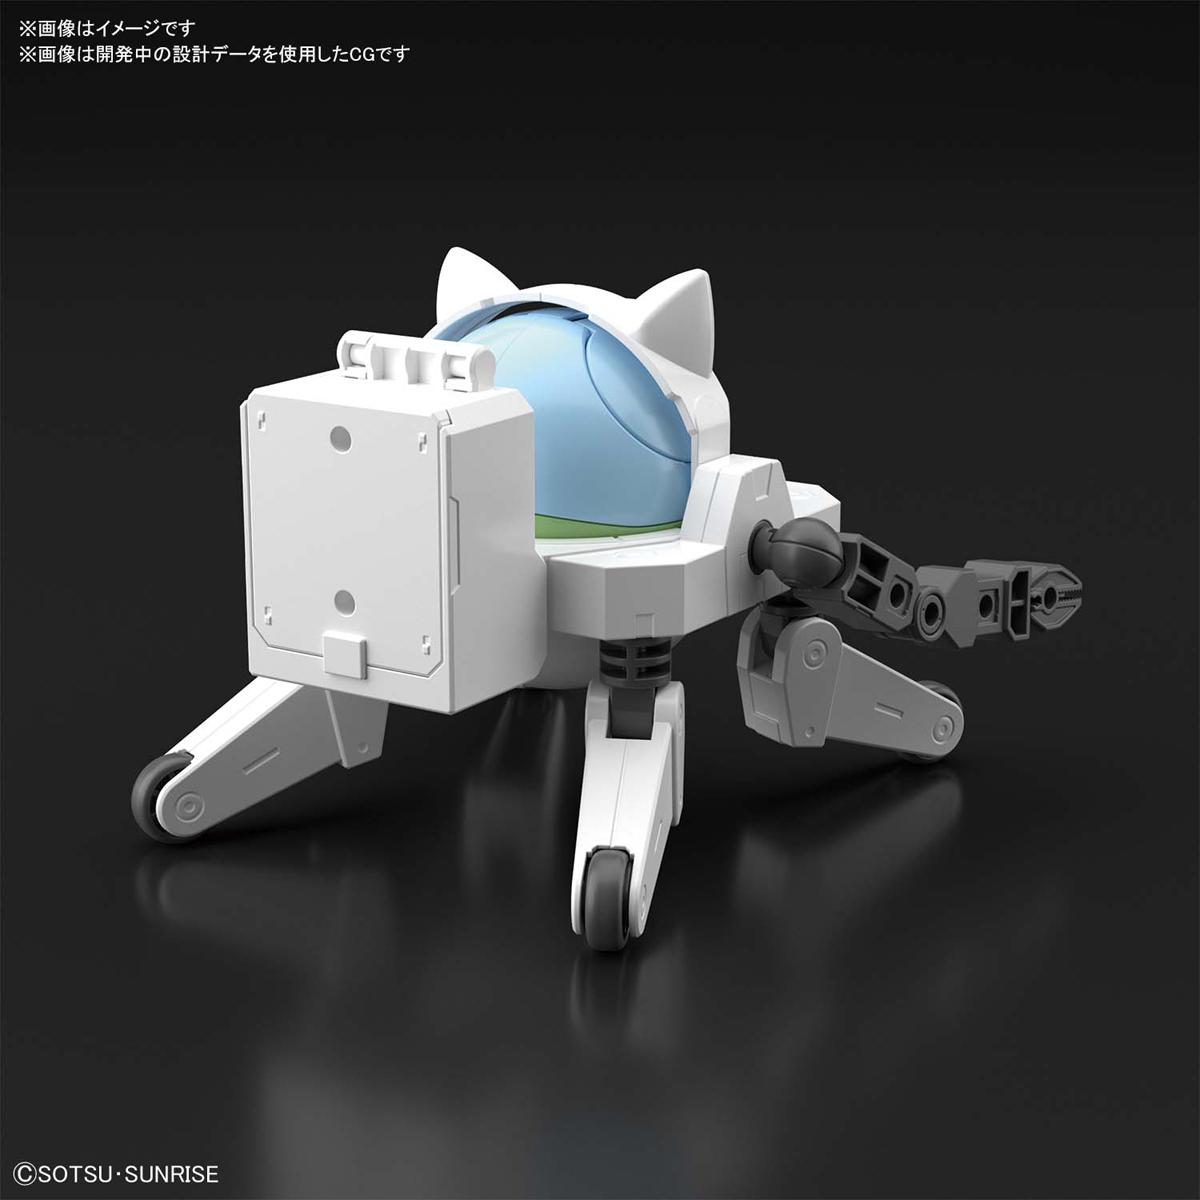 ハロプラ『ハロフィッター』プラモデル-002